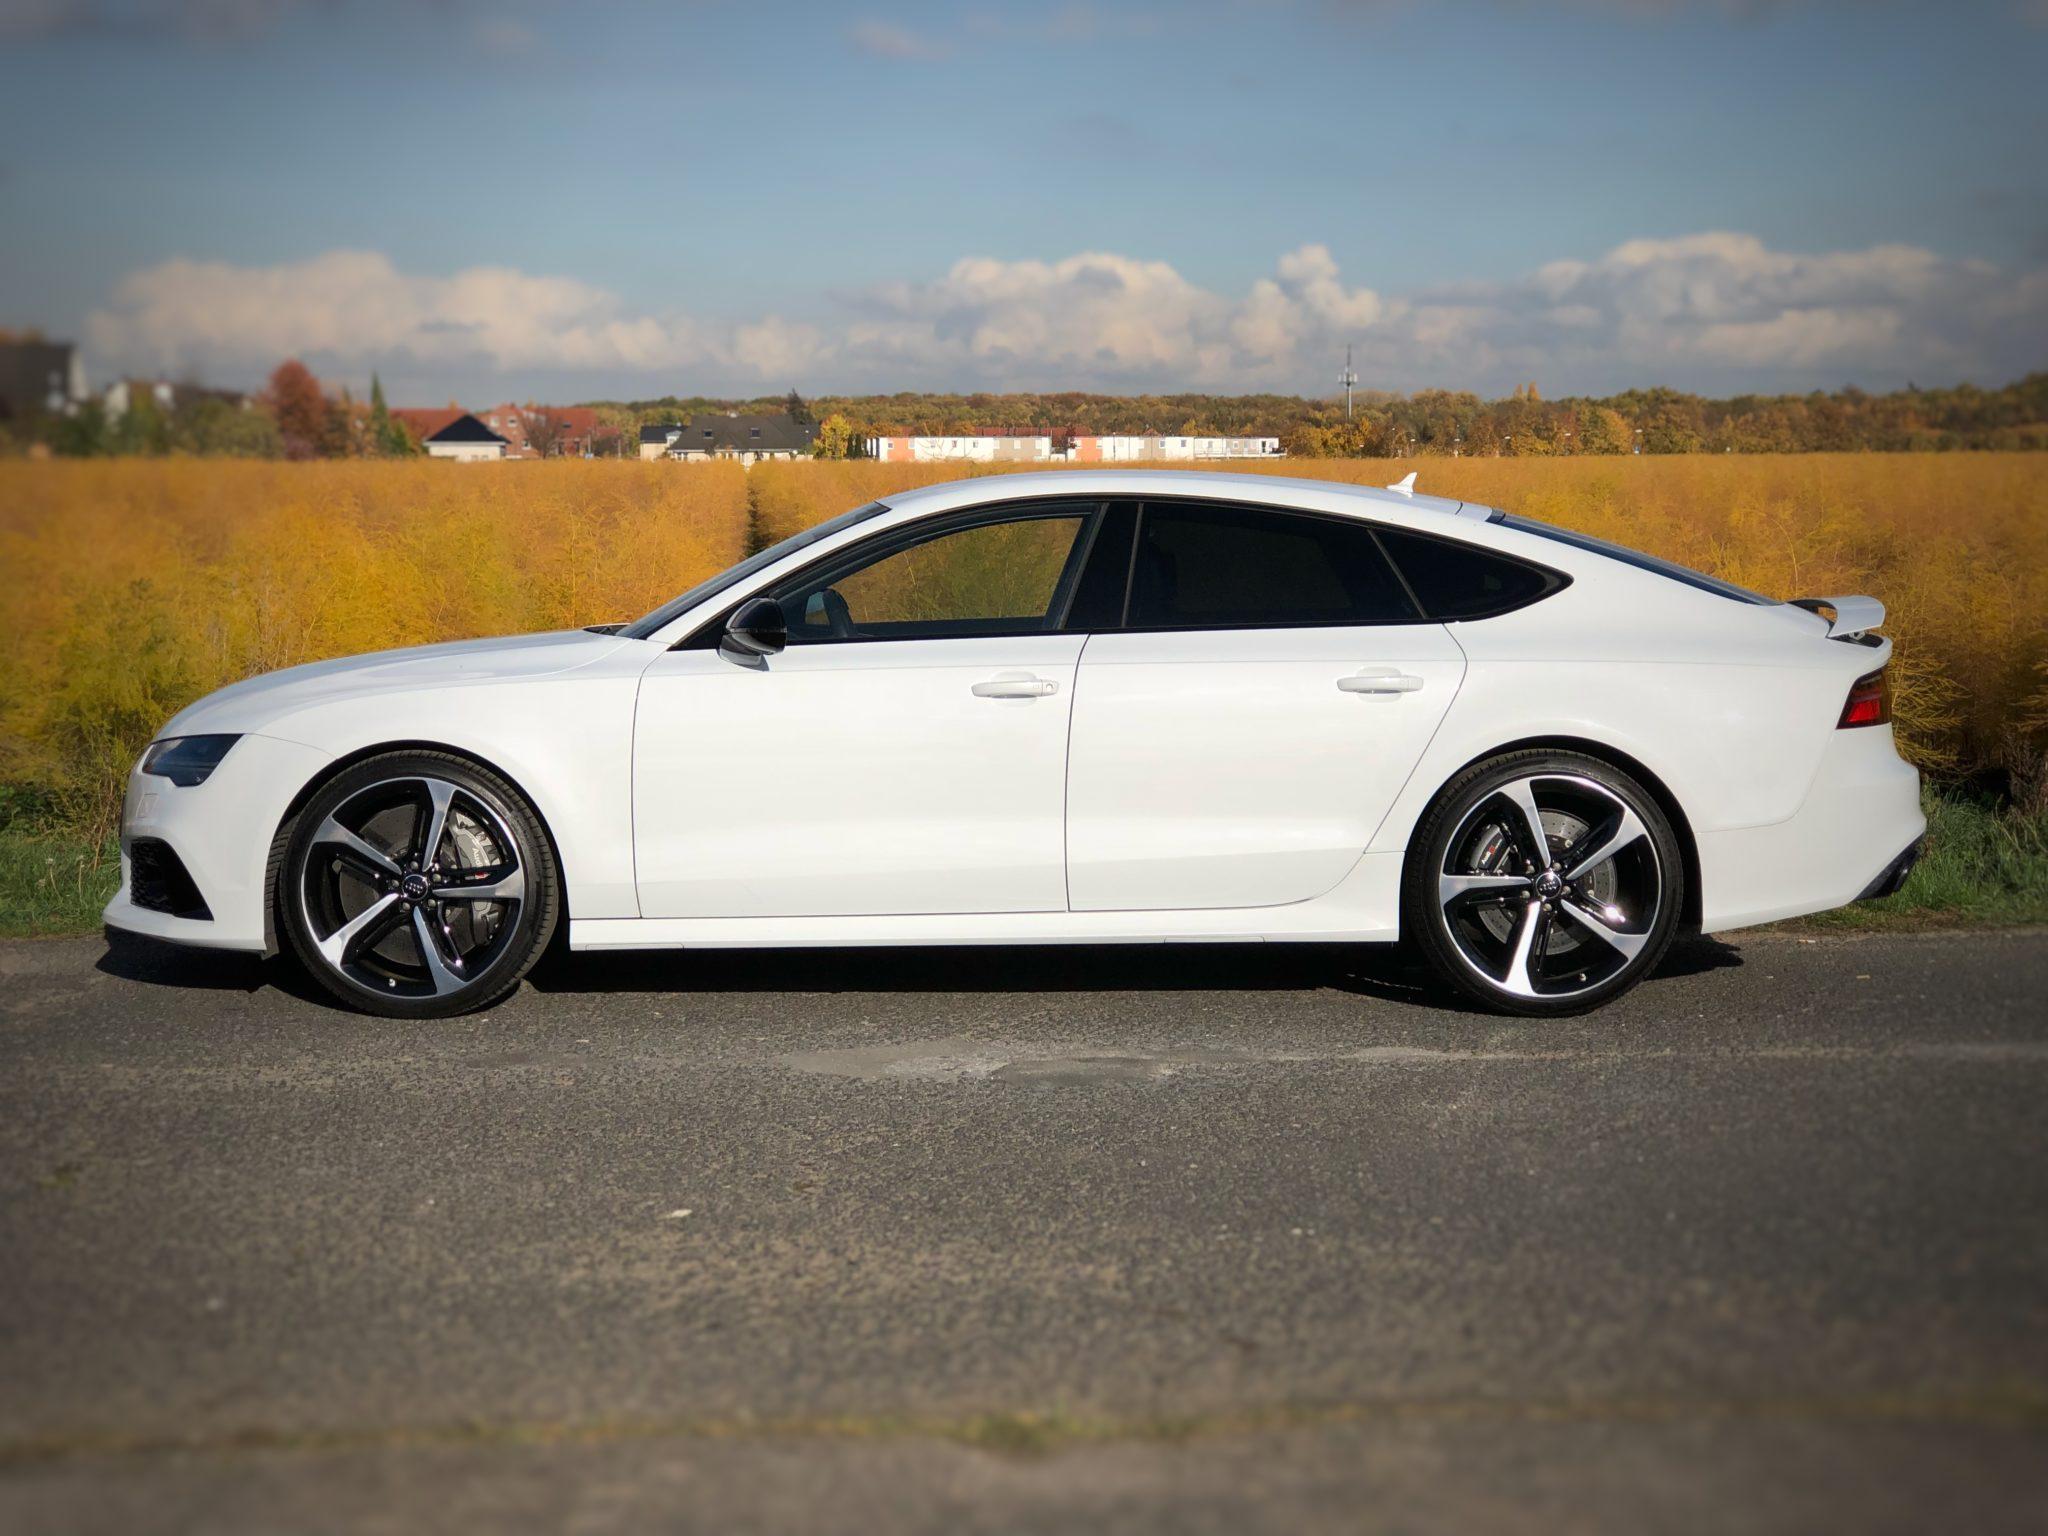 Audi RS7 mieten, AUDI RS7 mieten